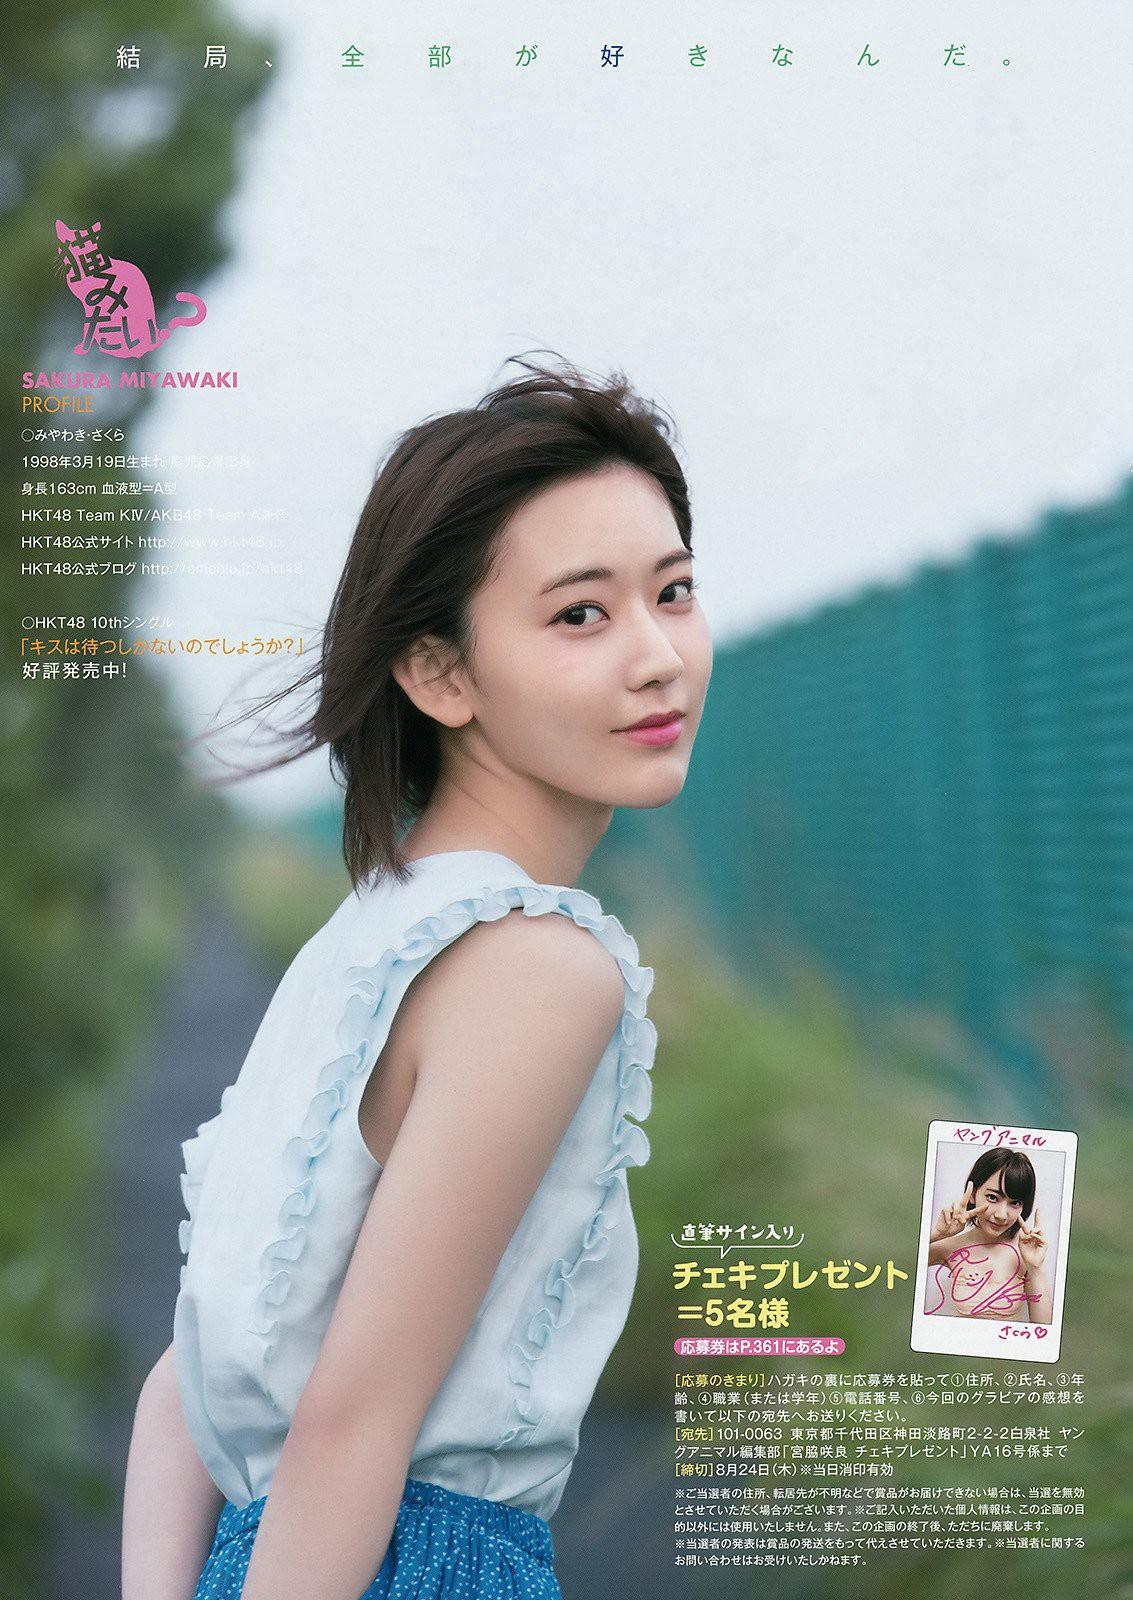 VZN News: 5 mỹ nhân tóc ngắn hot nhất Jbiz: Đây chính là lý do vẻ đẹp ngây thơ, trong sáng của con gái Nhật là thiên hạ vô địch - Ảnh 19.